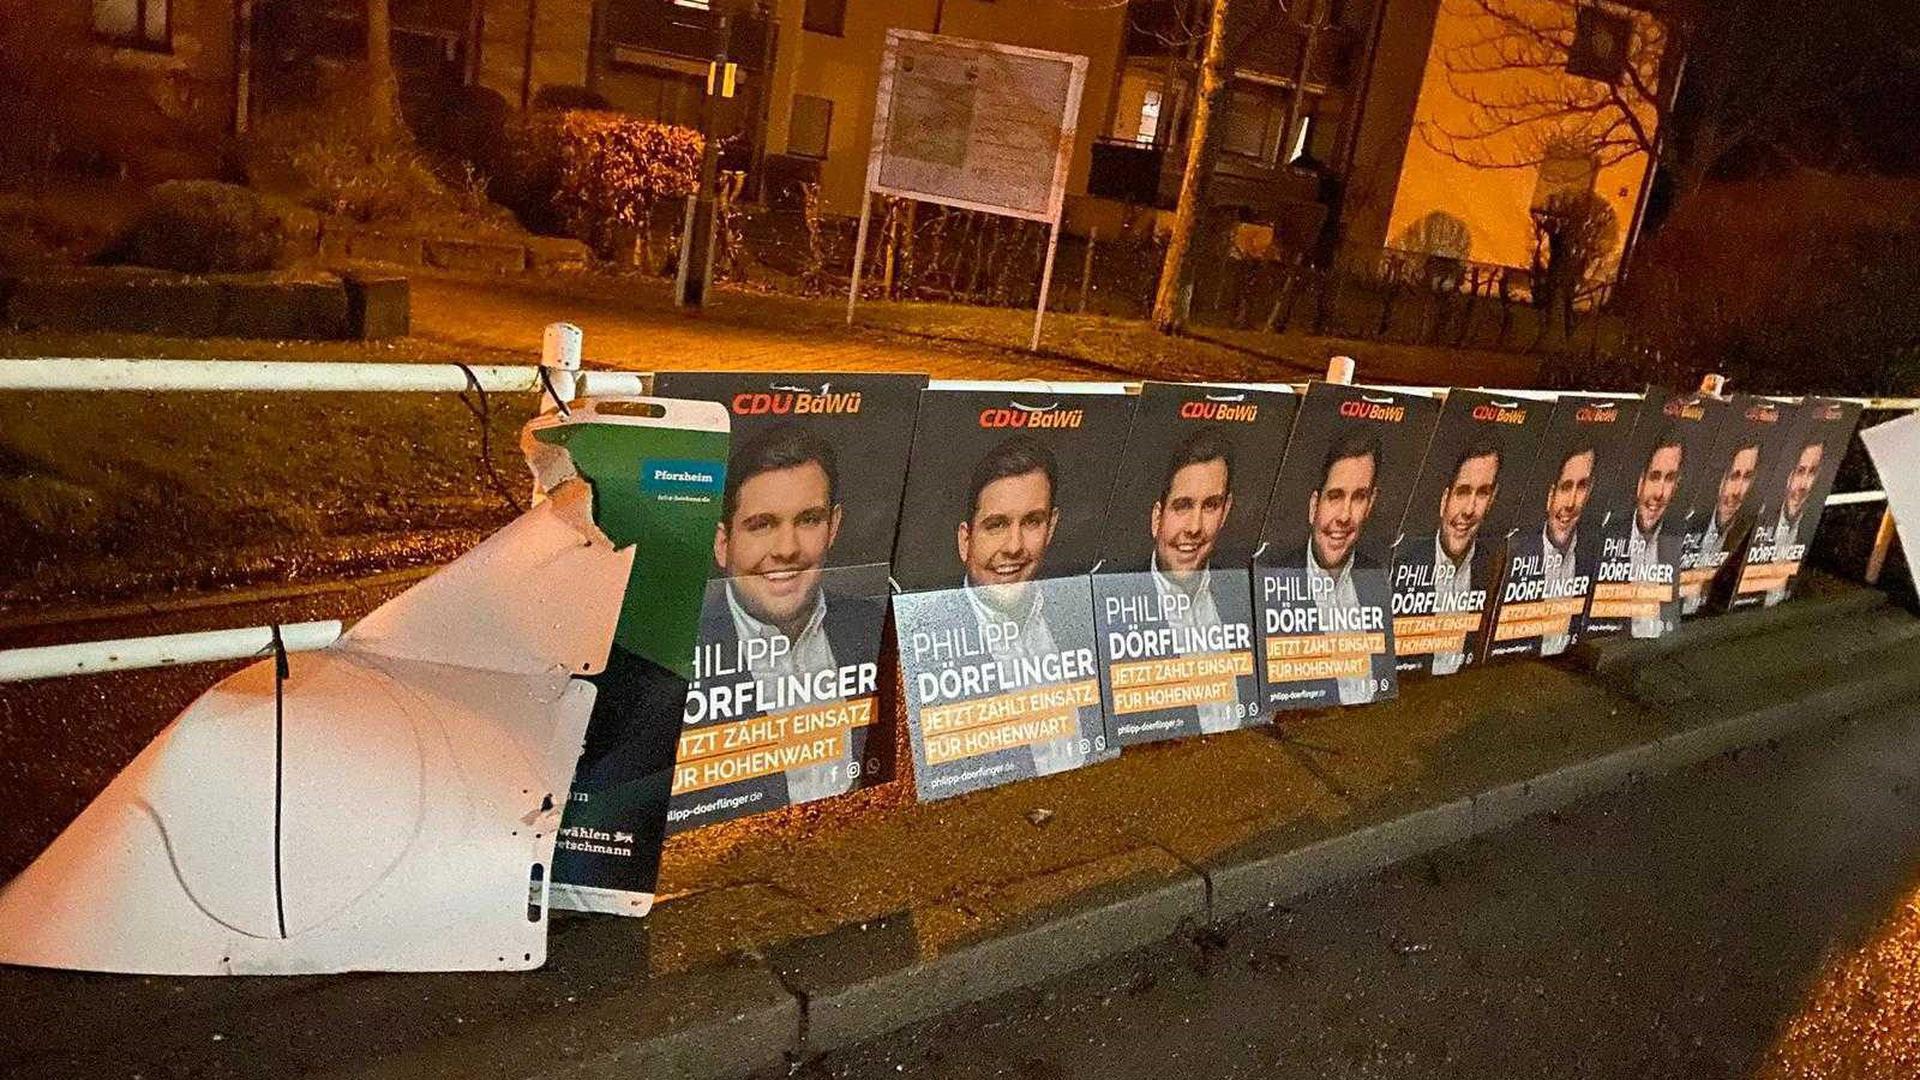 Wahlplakat-Vandalismus: An einem Straßengeländer in Pforzheim werben mehrere Plakate in geschlossener Kette für die CDU.  Ein Plakat der Grünen daneben wurde stark beschädigt.